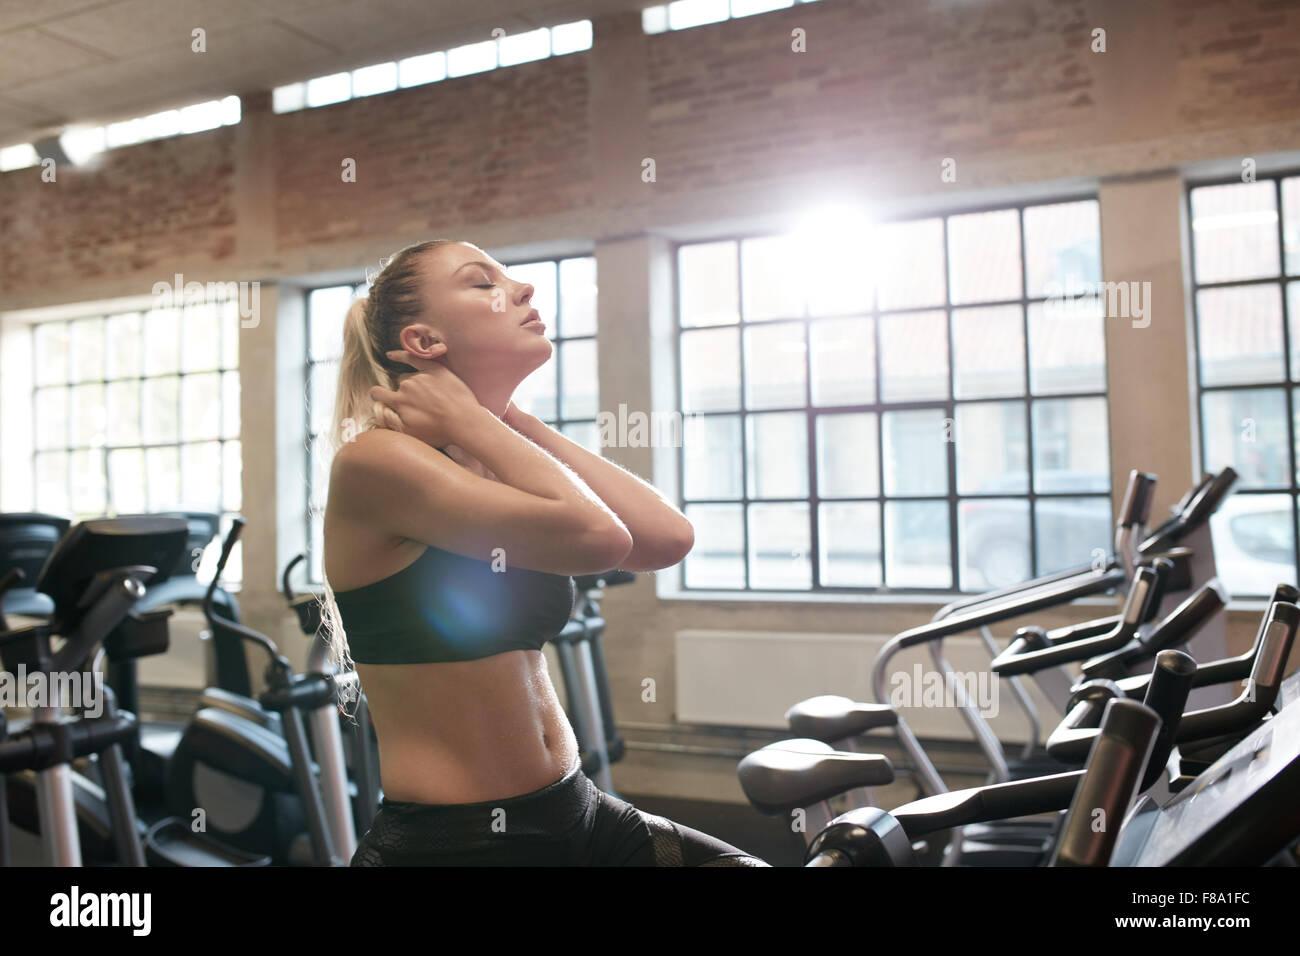 Junge Frau müde nach intensiven Training auf Fahrrad Fitness-Studio. Entspannen ihre Nackenmuskulatur nach Stockbild